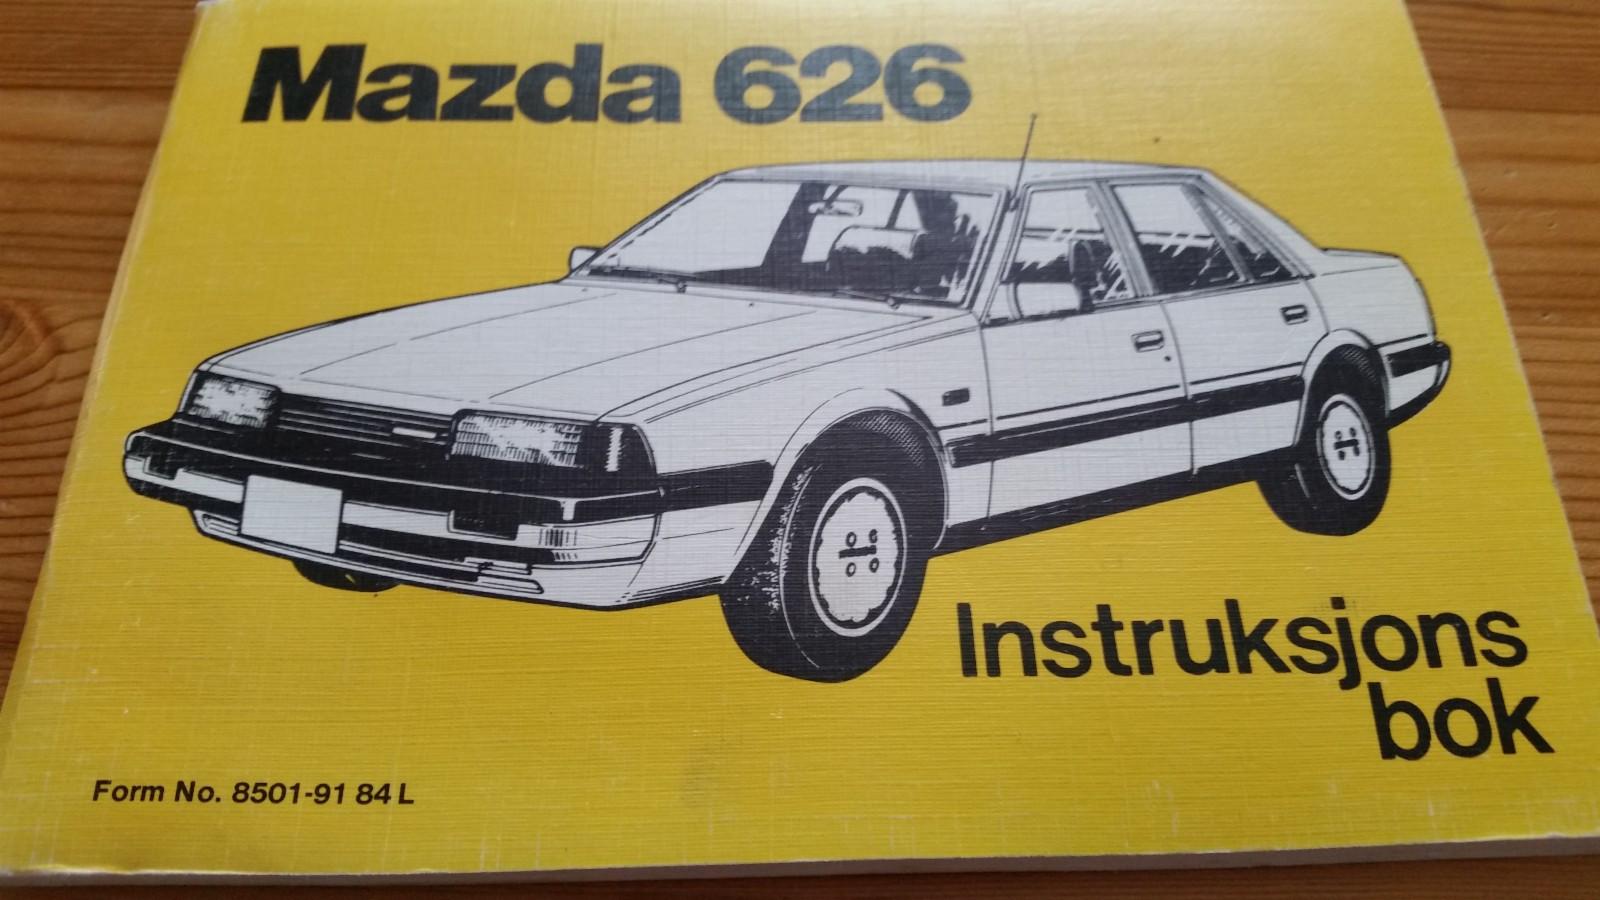 Mazda 626  instruksjons bok - Mesnali  - Mazda 626 instruksjons bok. Som ny - Mesnali